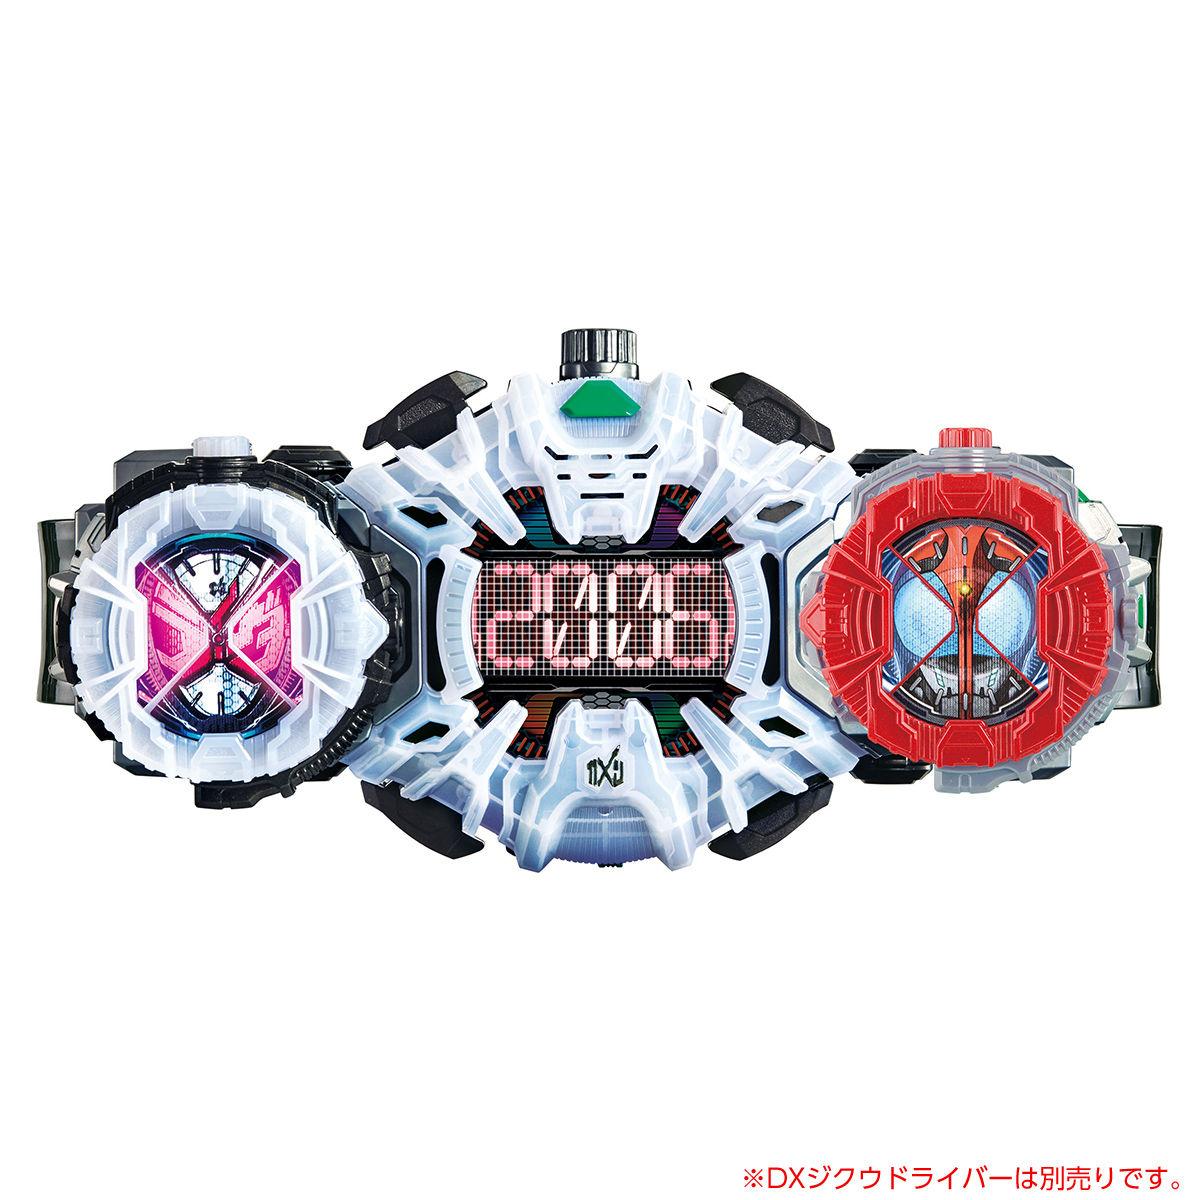 仮面ライダージオウ『DXカブトライドウォッチ』変身なりきり-004